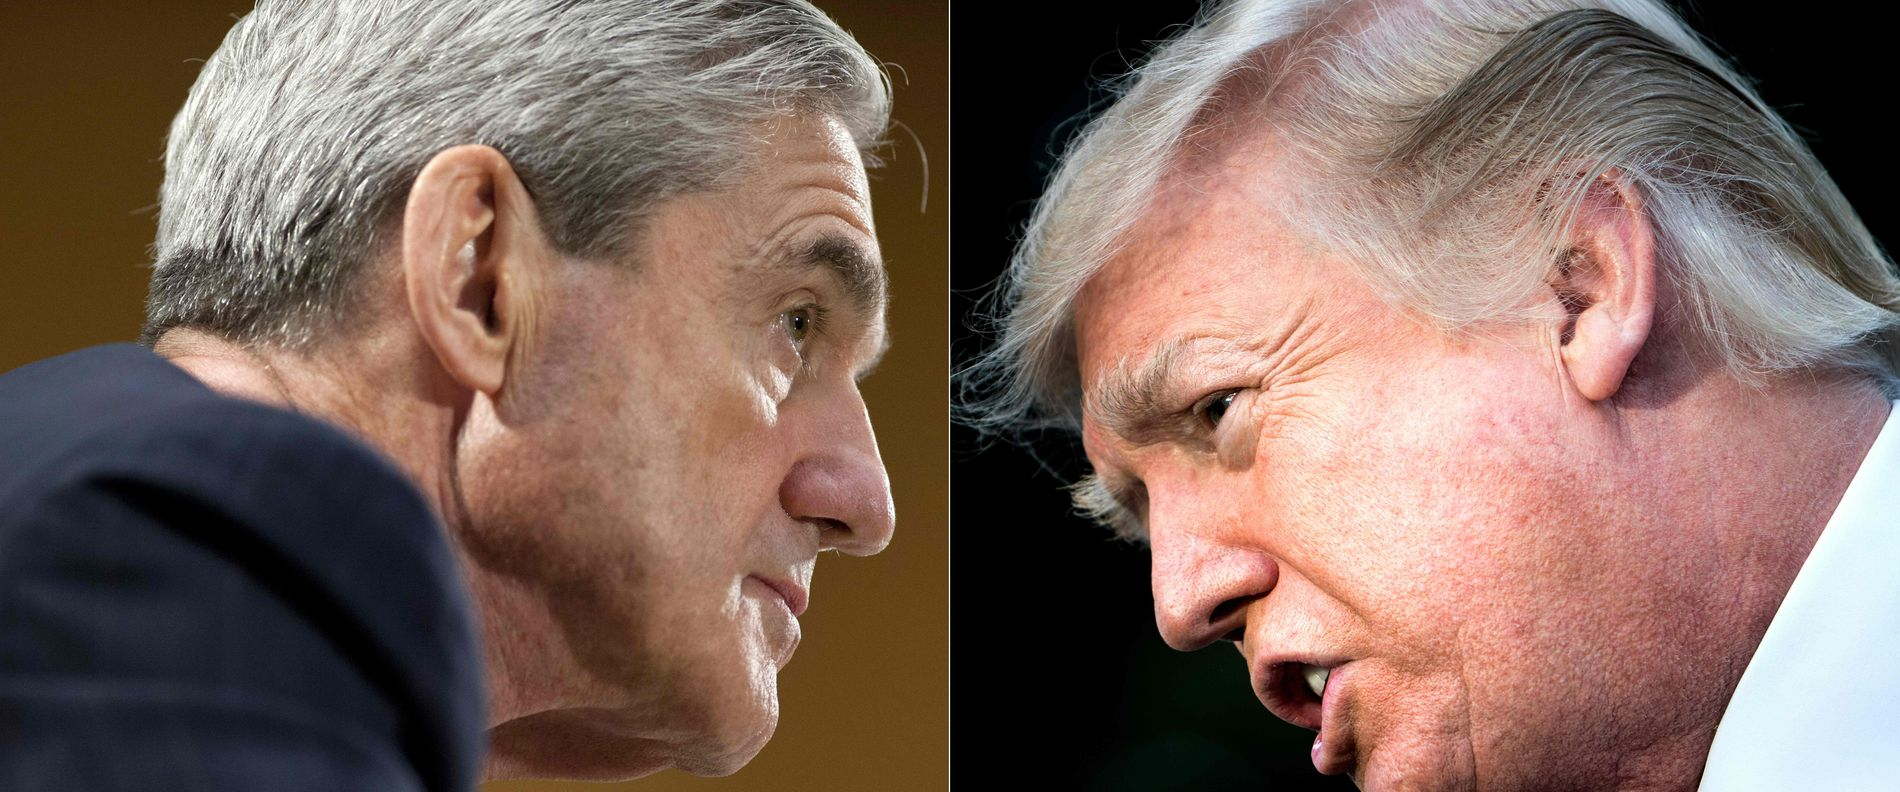 VANVIDD: – Spesialetterforsker Robert Muellers rapport er det hittil beste innsynet i vanviddet som dominerer Trump-administrasjonen, skriver kronikkforfatteren.